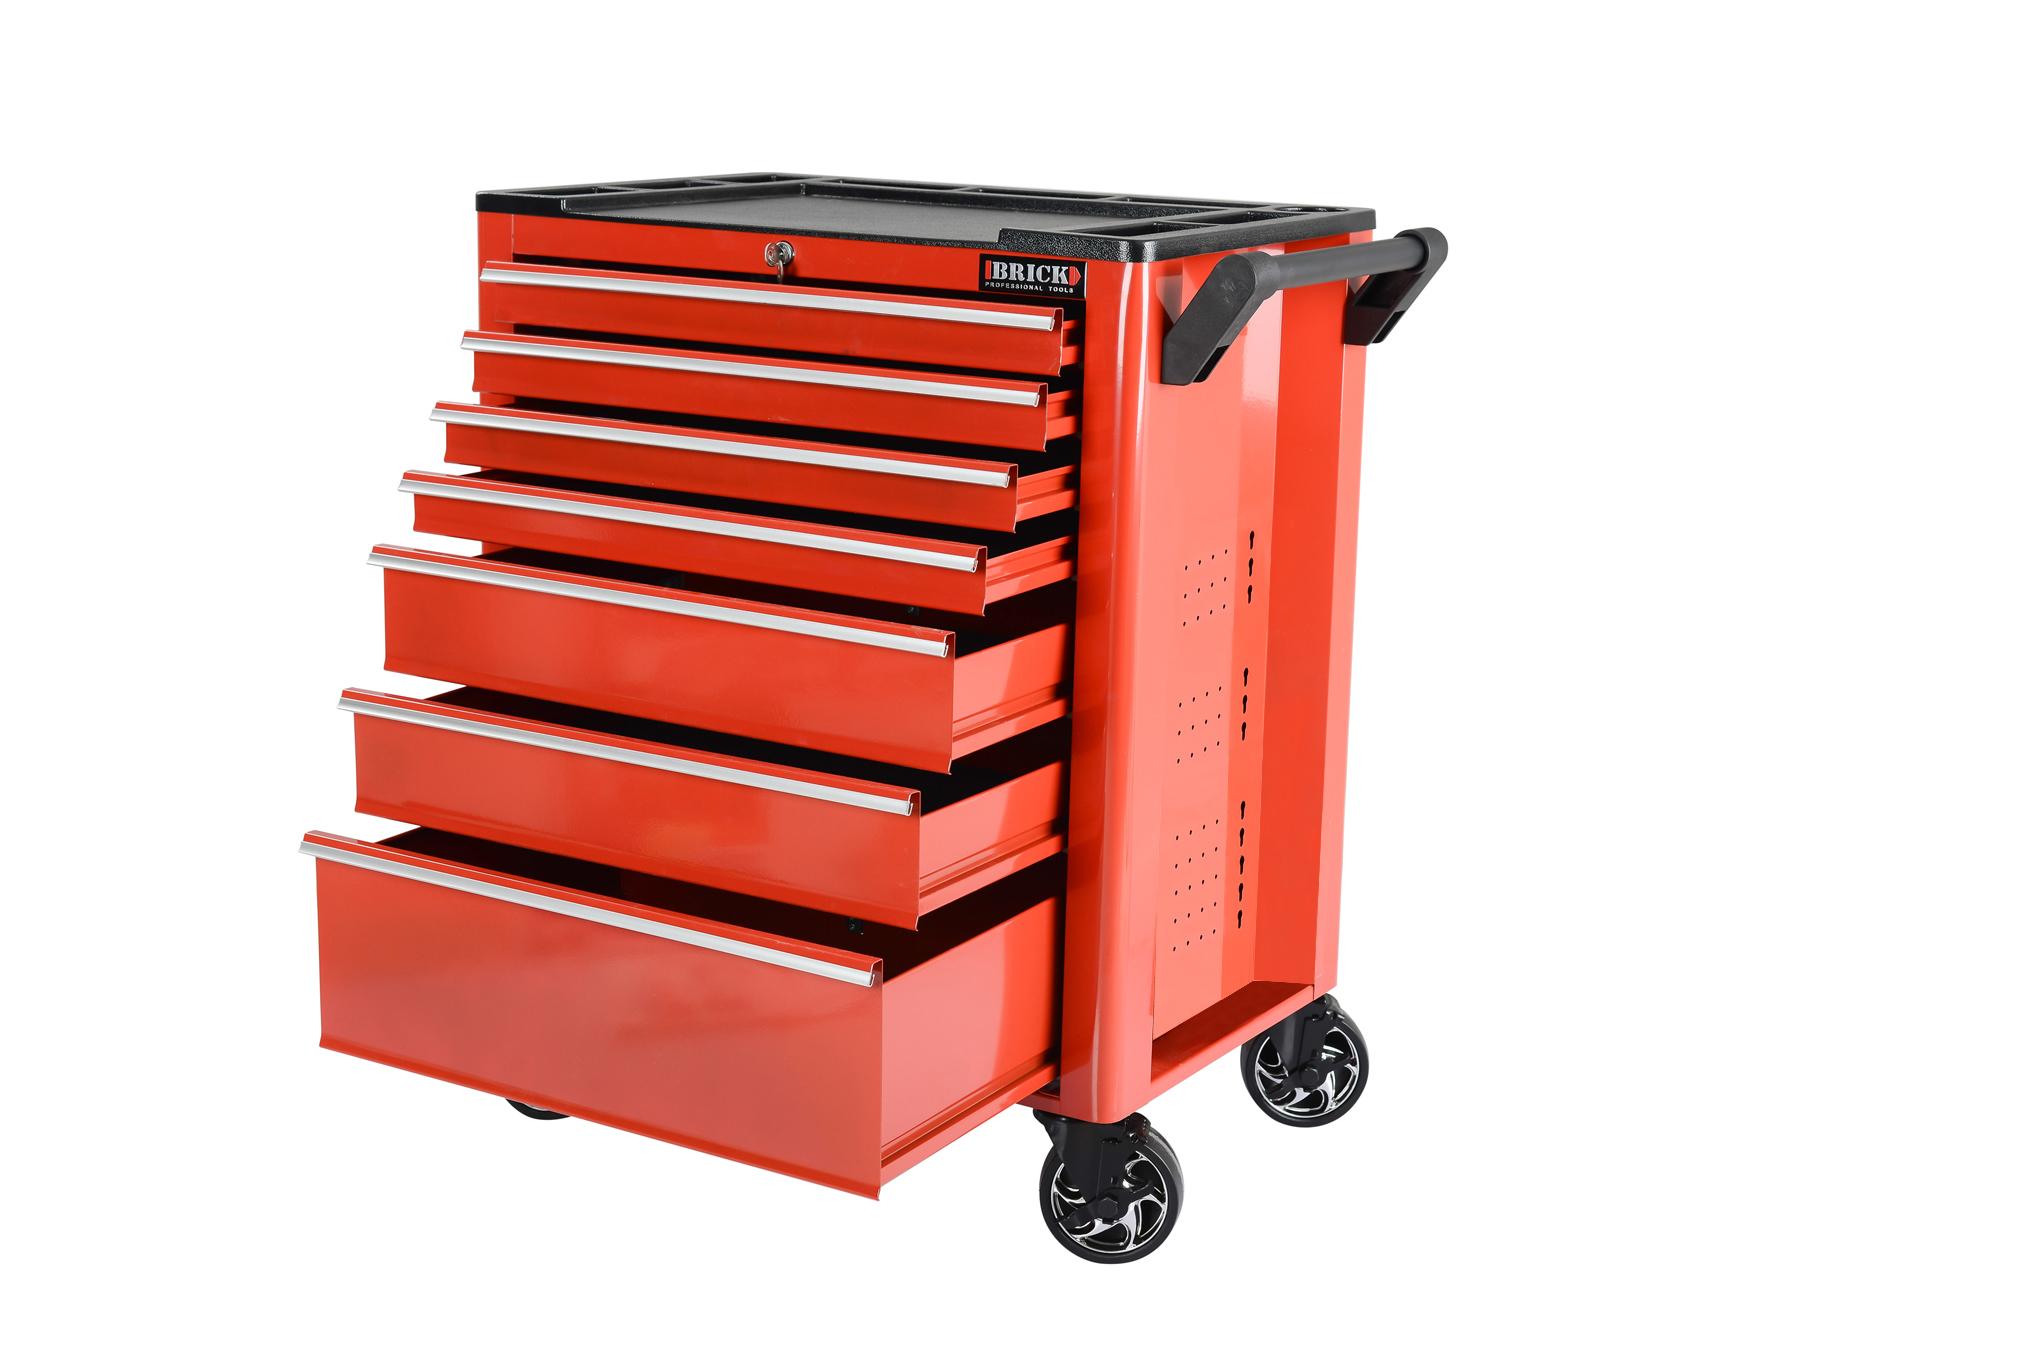 Servante d 39 atelier 7 tiroirs vide outillage automobile for Tapissier d ameublement pas cher